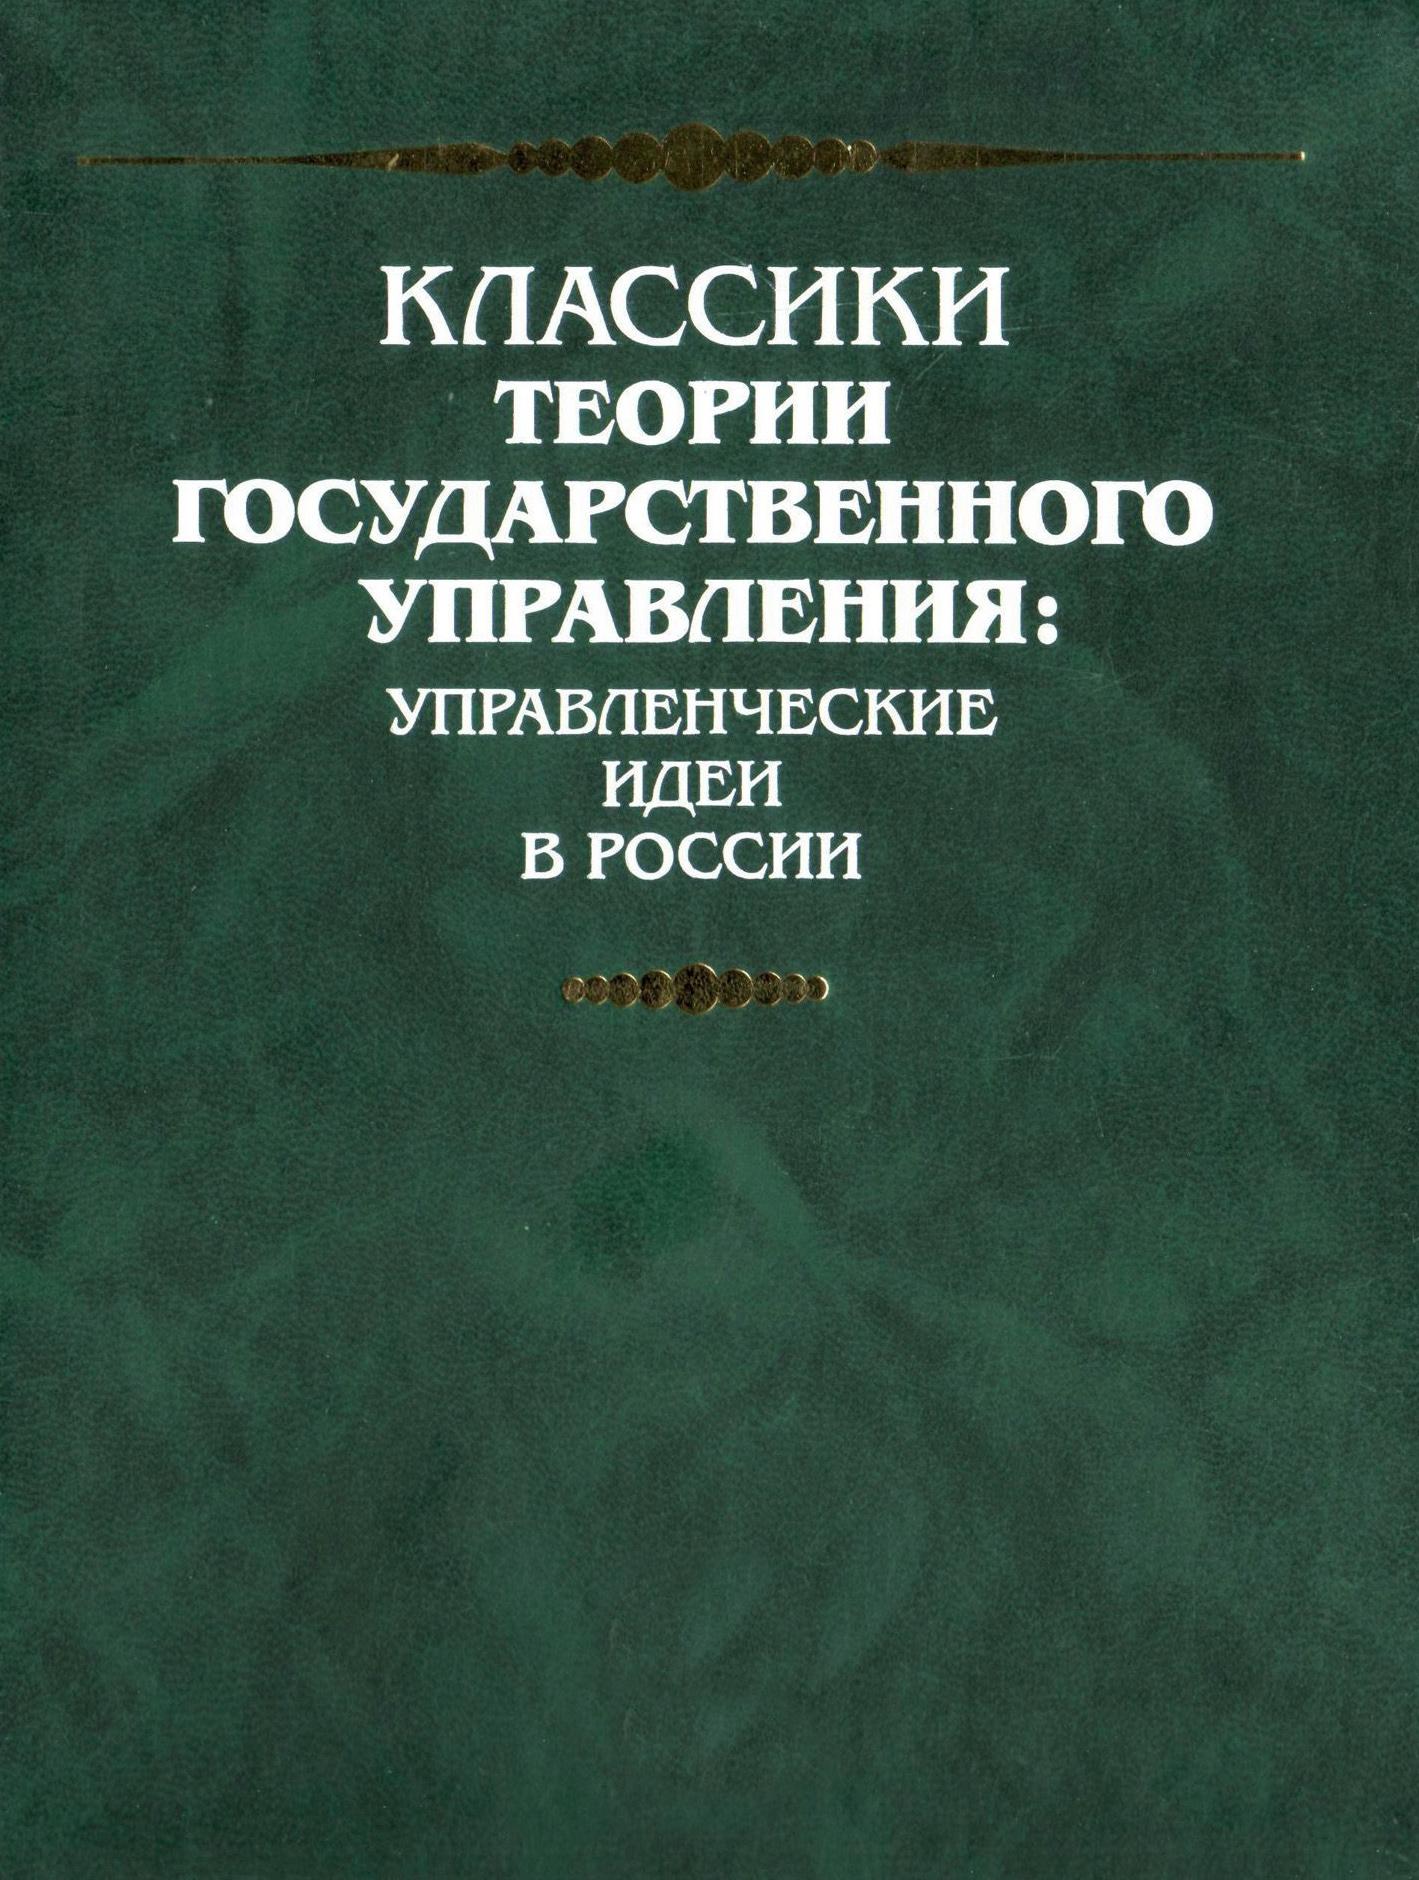 Борис Николаевич Чичерин Вопросы политики (извлечения) недорого